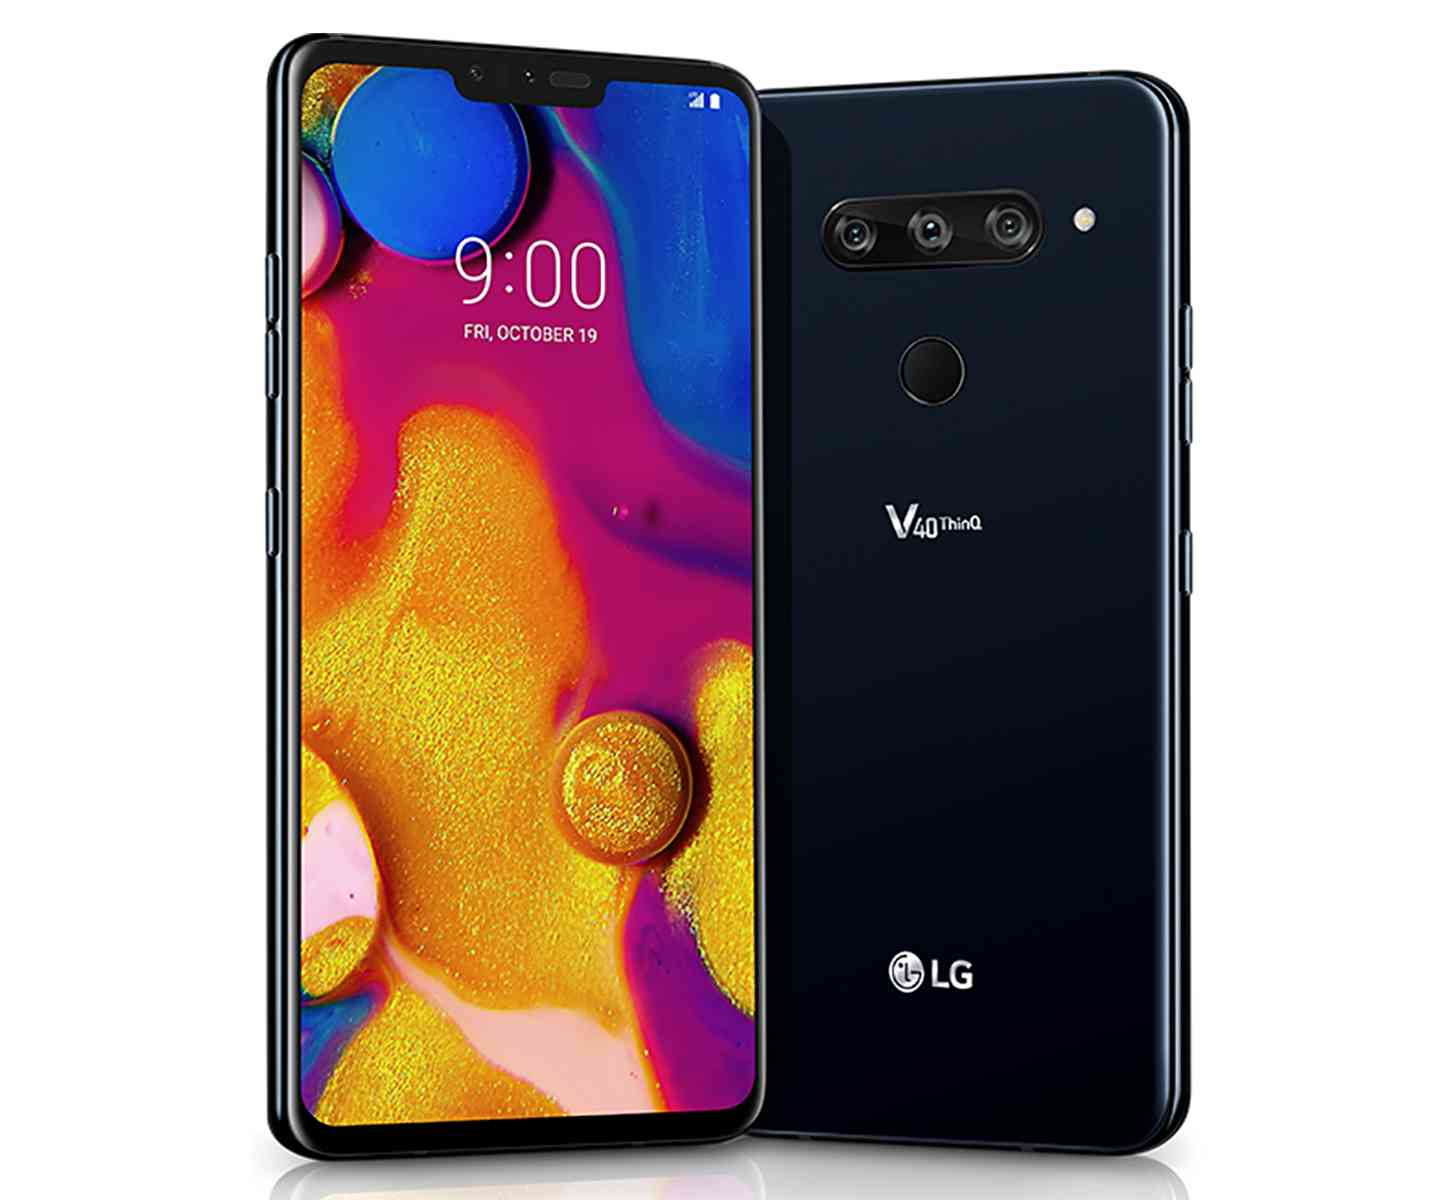 LG V40 ThinQ official